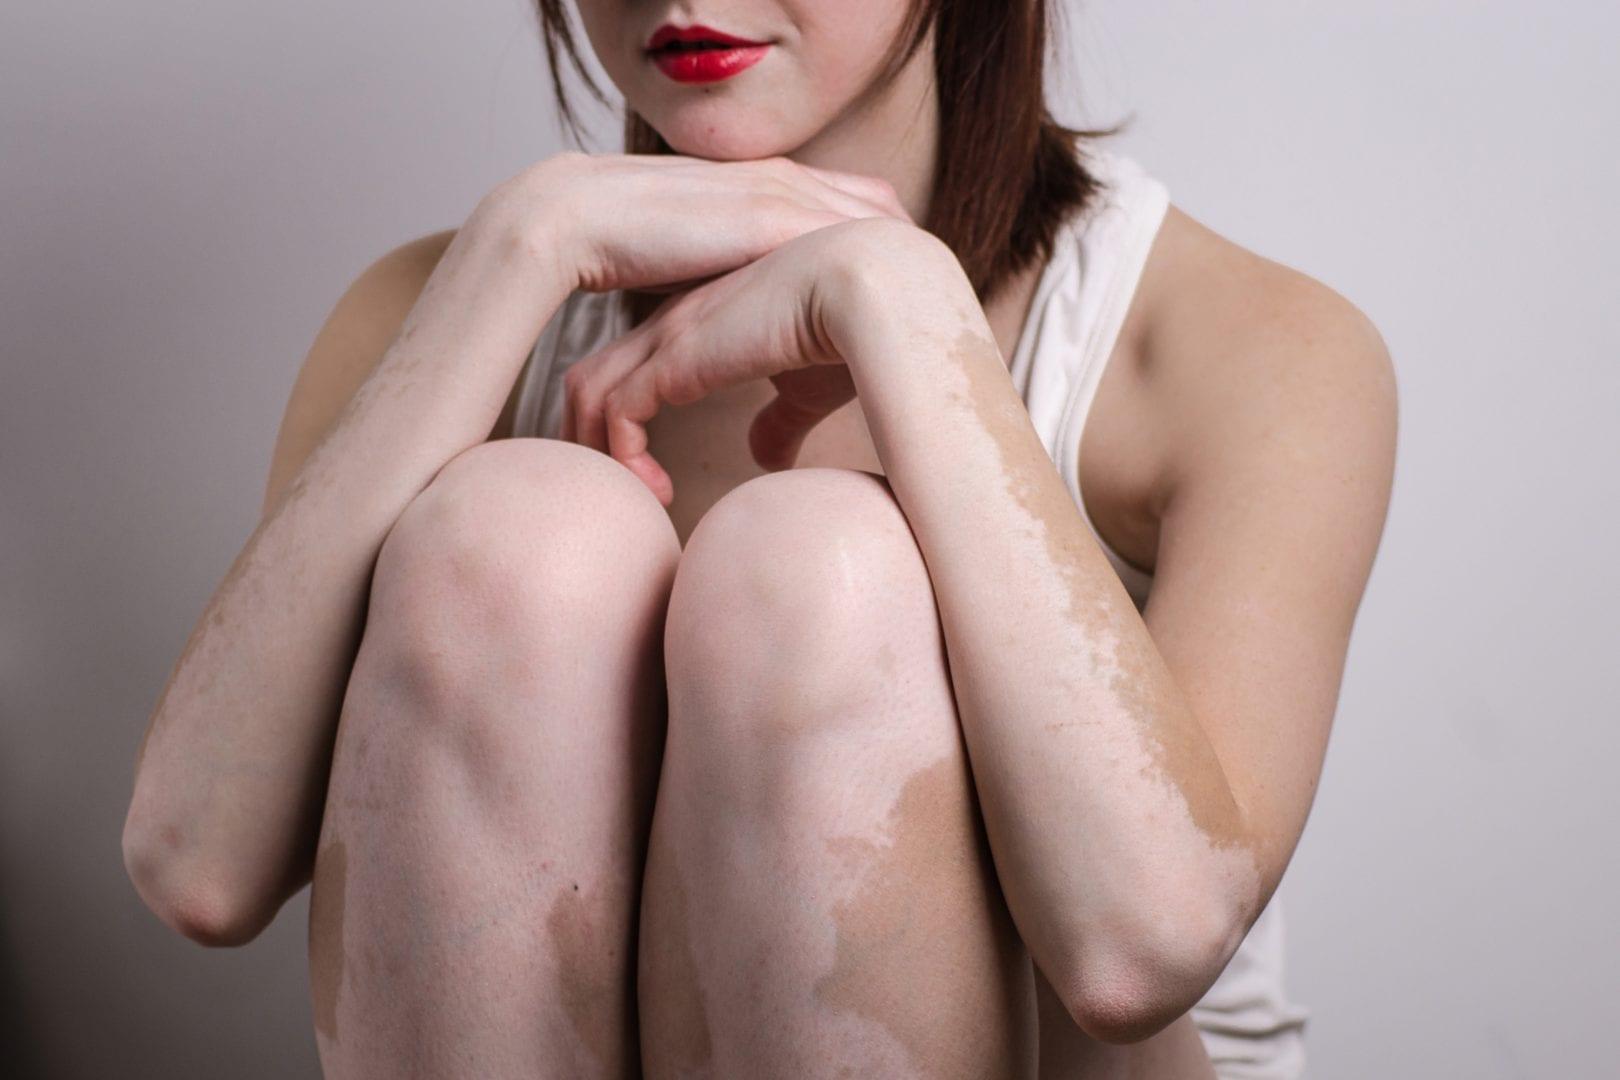 Pano branco, conheça a micose que cria manchas brancas na pele